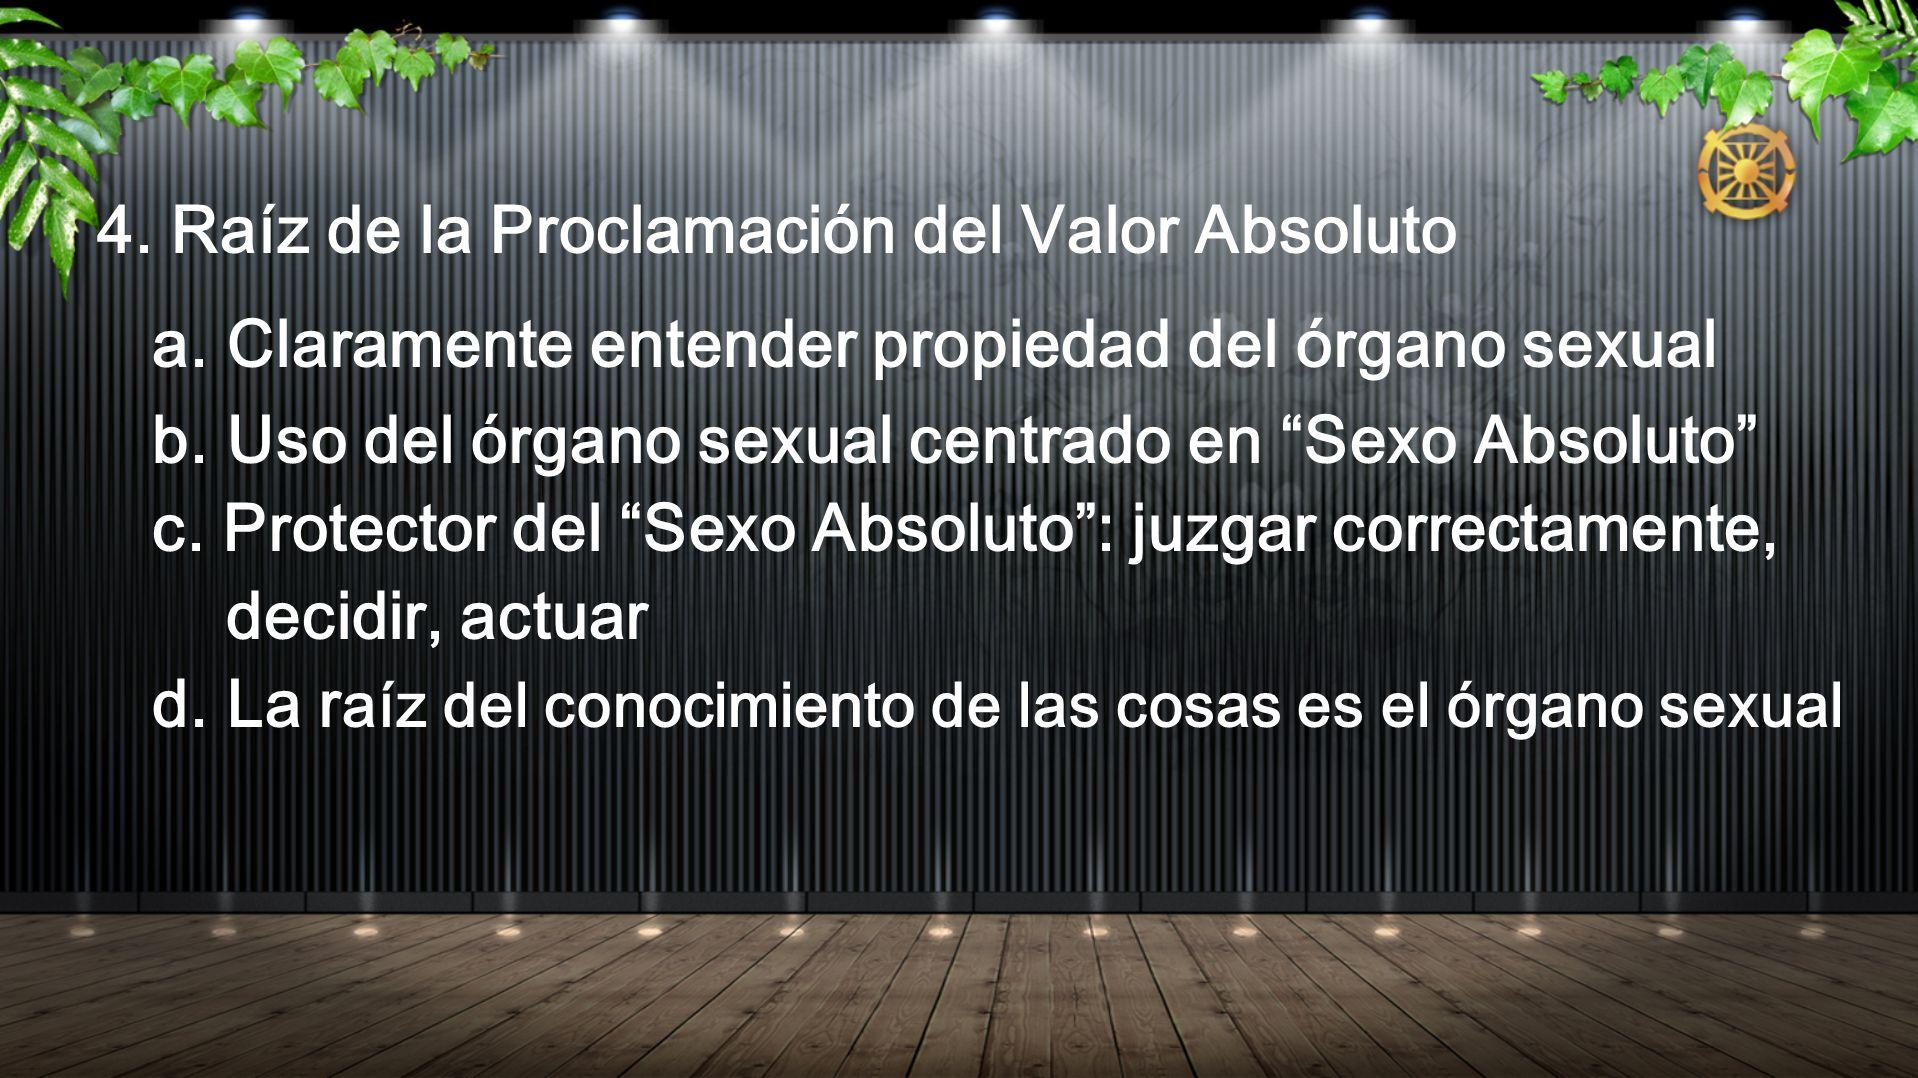 4. Raíz de la Proclamación del Valor Absoluto a. Claramente entender propiedad del órgano sexual b. Uso del órgano sexual centrado en Sexo Absoluto c.